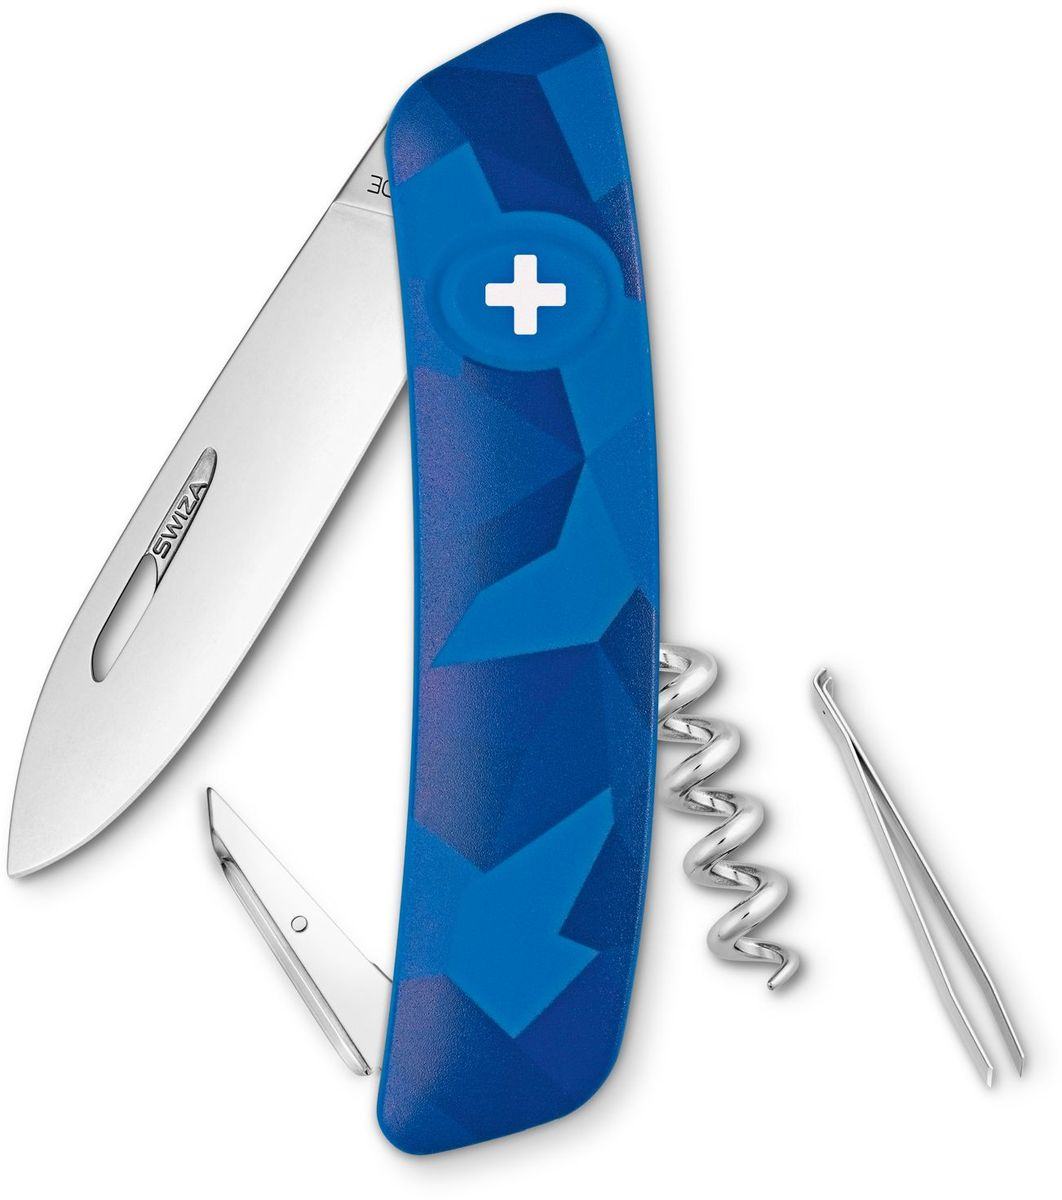 Нож швейцарский SWIZA C01, цвет: синий, длина клинка 7,5 см